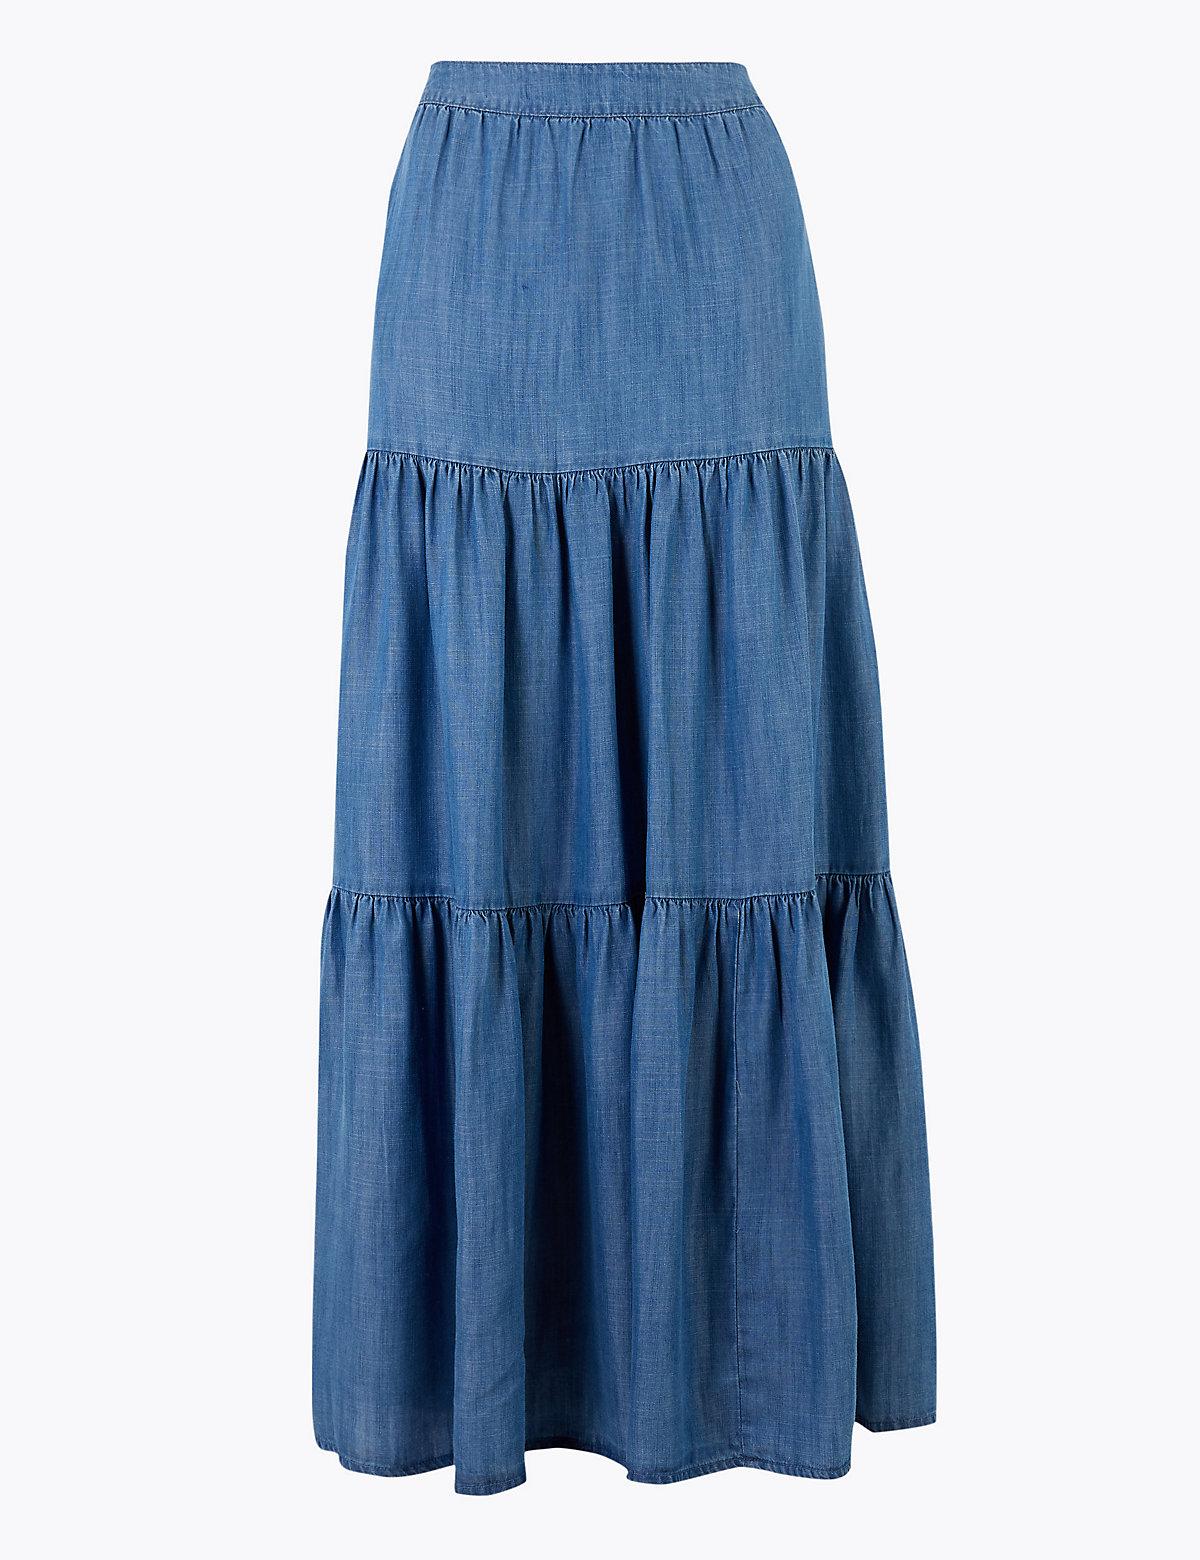 Многоуровневая плиссированная юбка-макси из ткани Tencel™